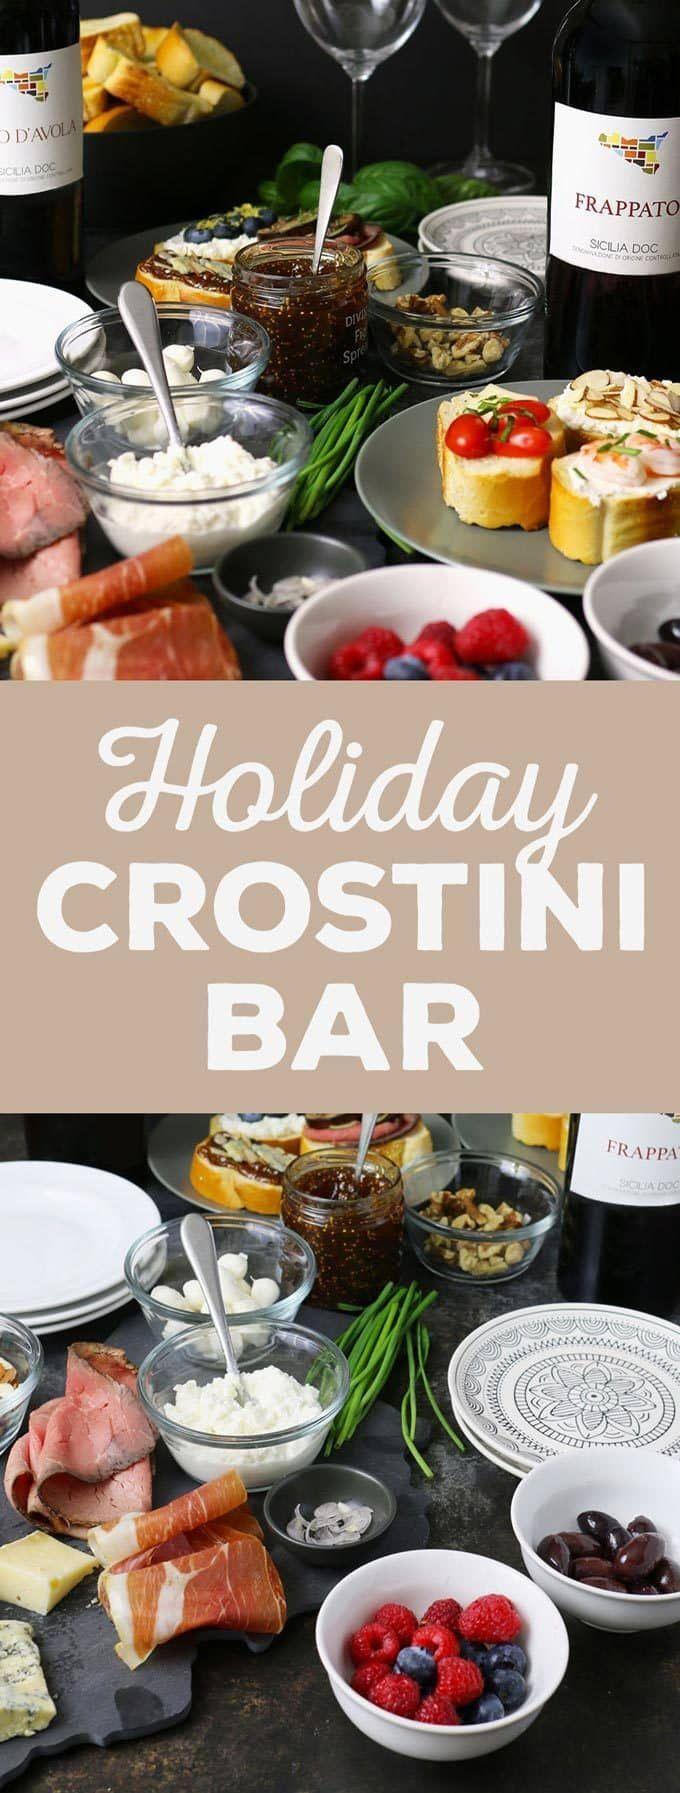 Nehmen Sie in diesem Jahr eine Holiday Crostini-Bar auf allen Urlaubspartys auf! Diese 12 3-Zutaten-Crostini-Rezepte sind leicht zuzubereiten und passen perfekt zu Nero d'Avola- und Frappato-Weinen. | honeyandbirch.com